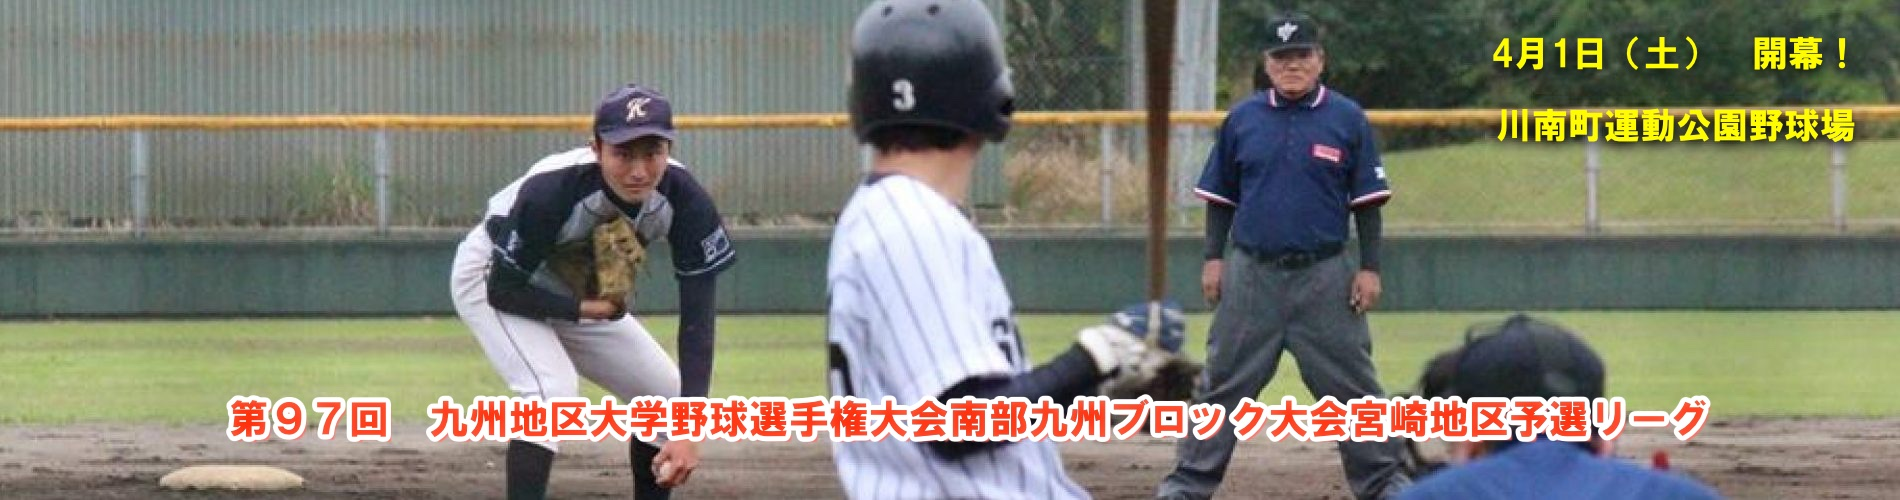 宮崎県大学野球連盟